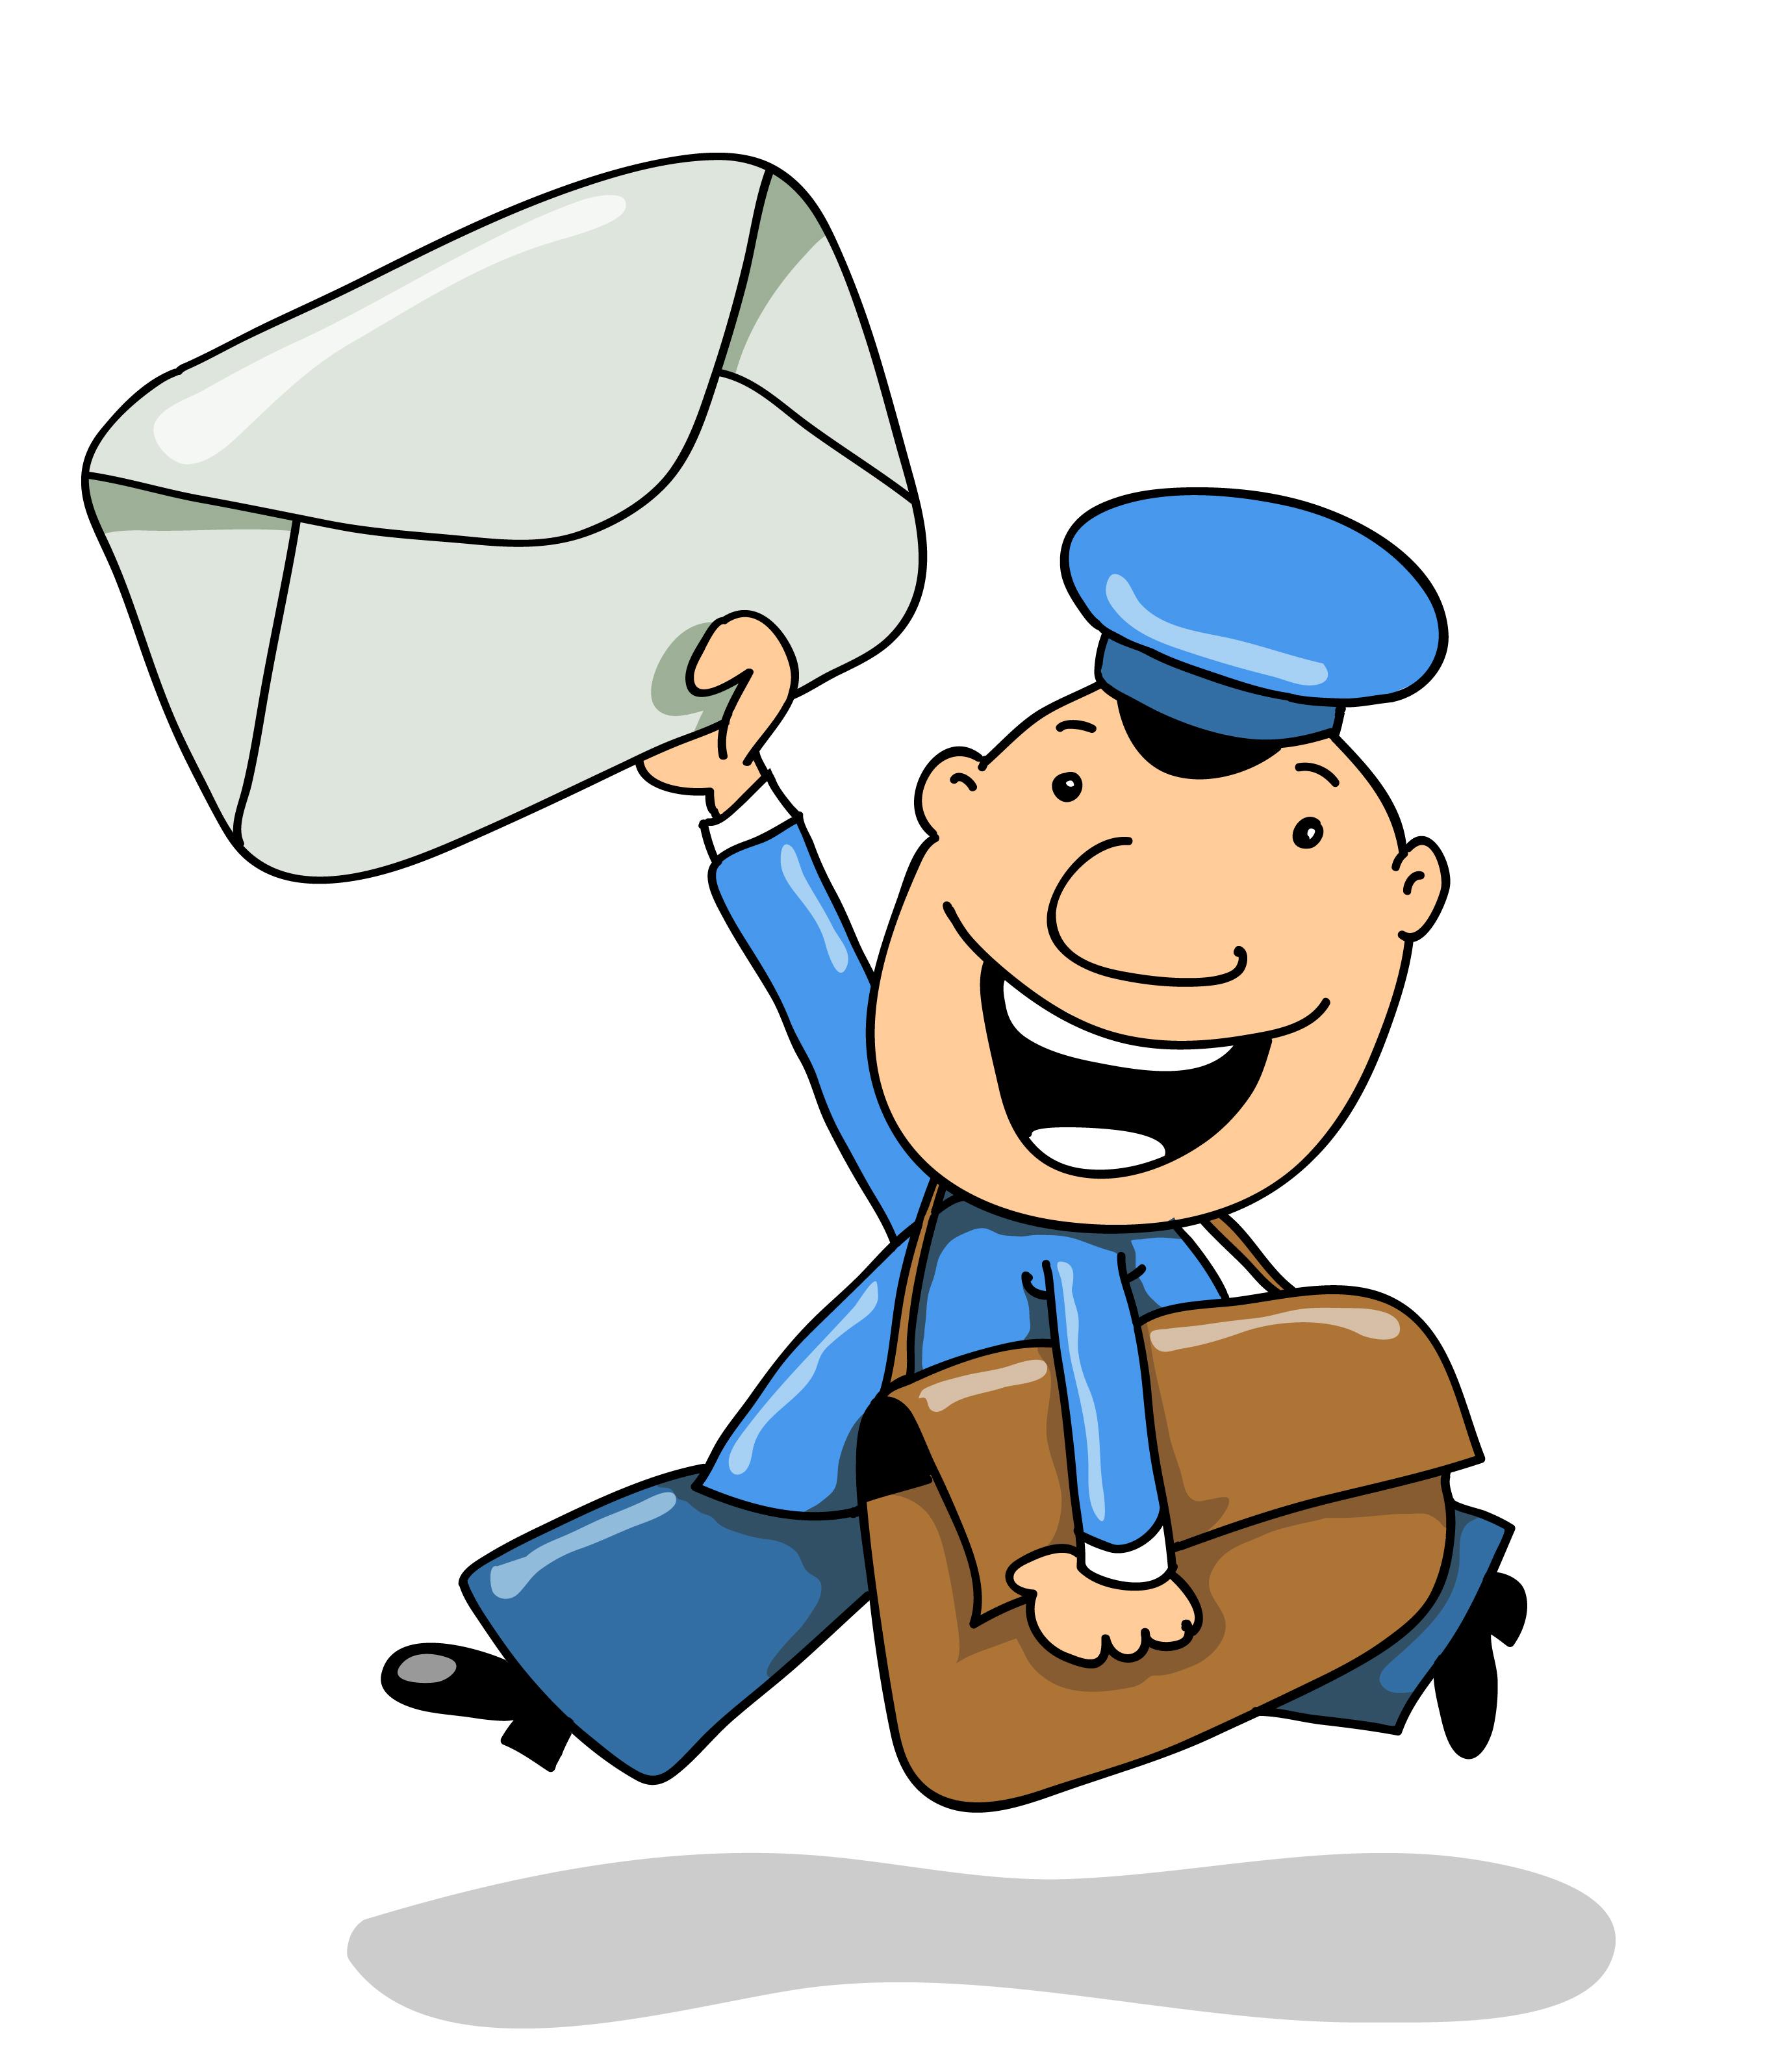 портал картинка для решения задачи китайского почтальона старые